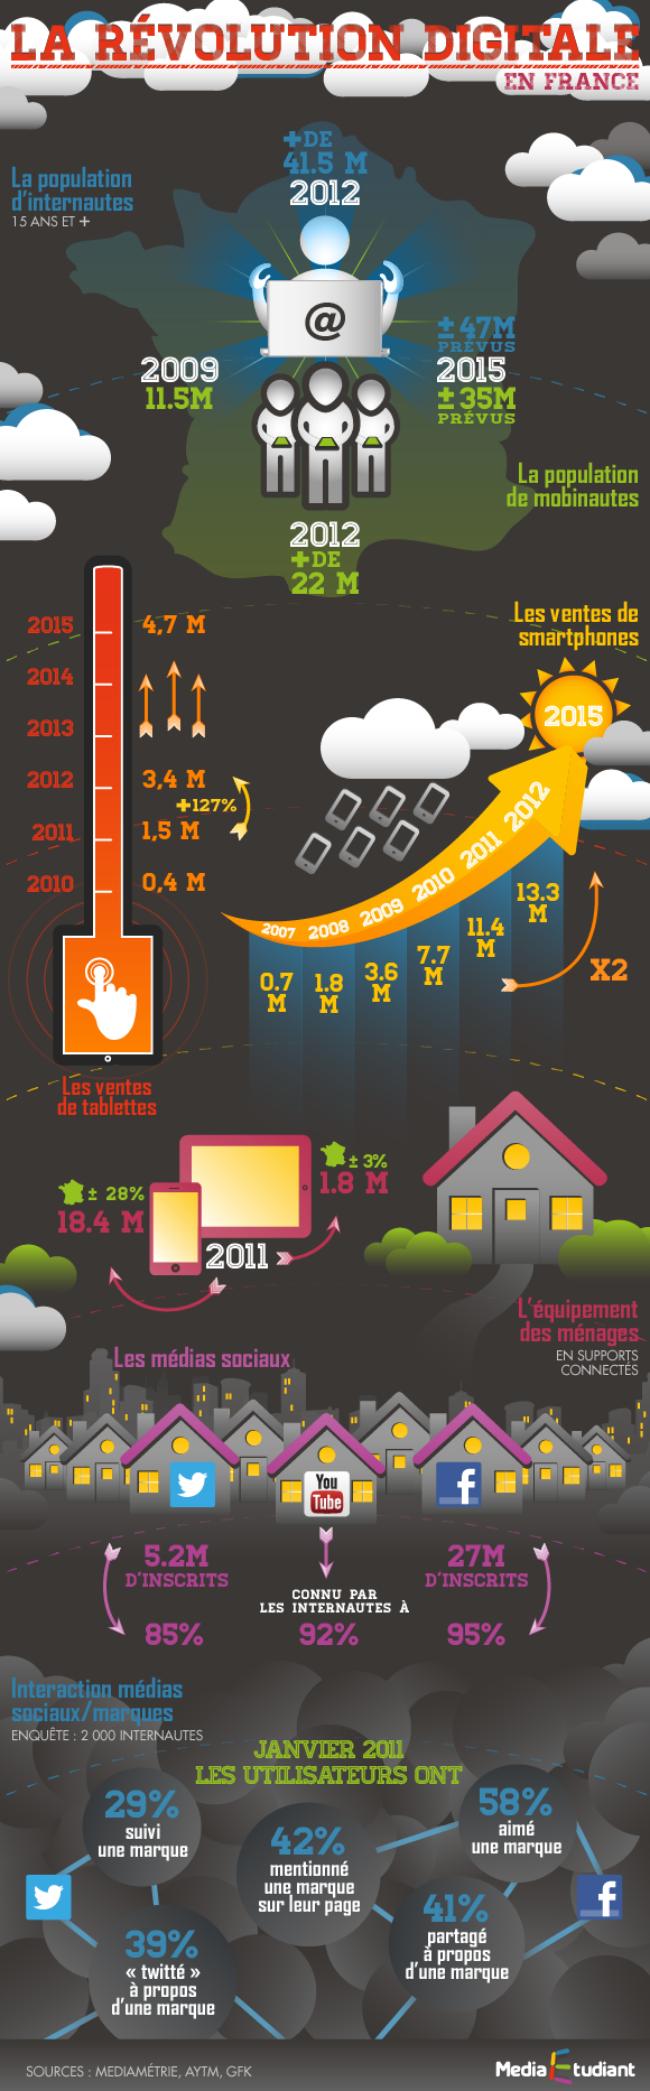 La révolution digitale en France